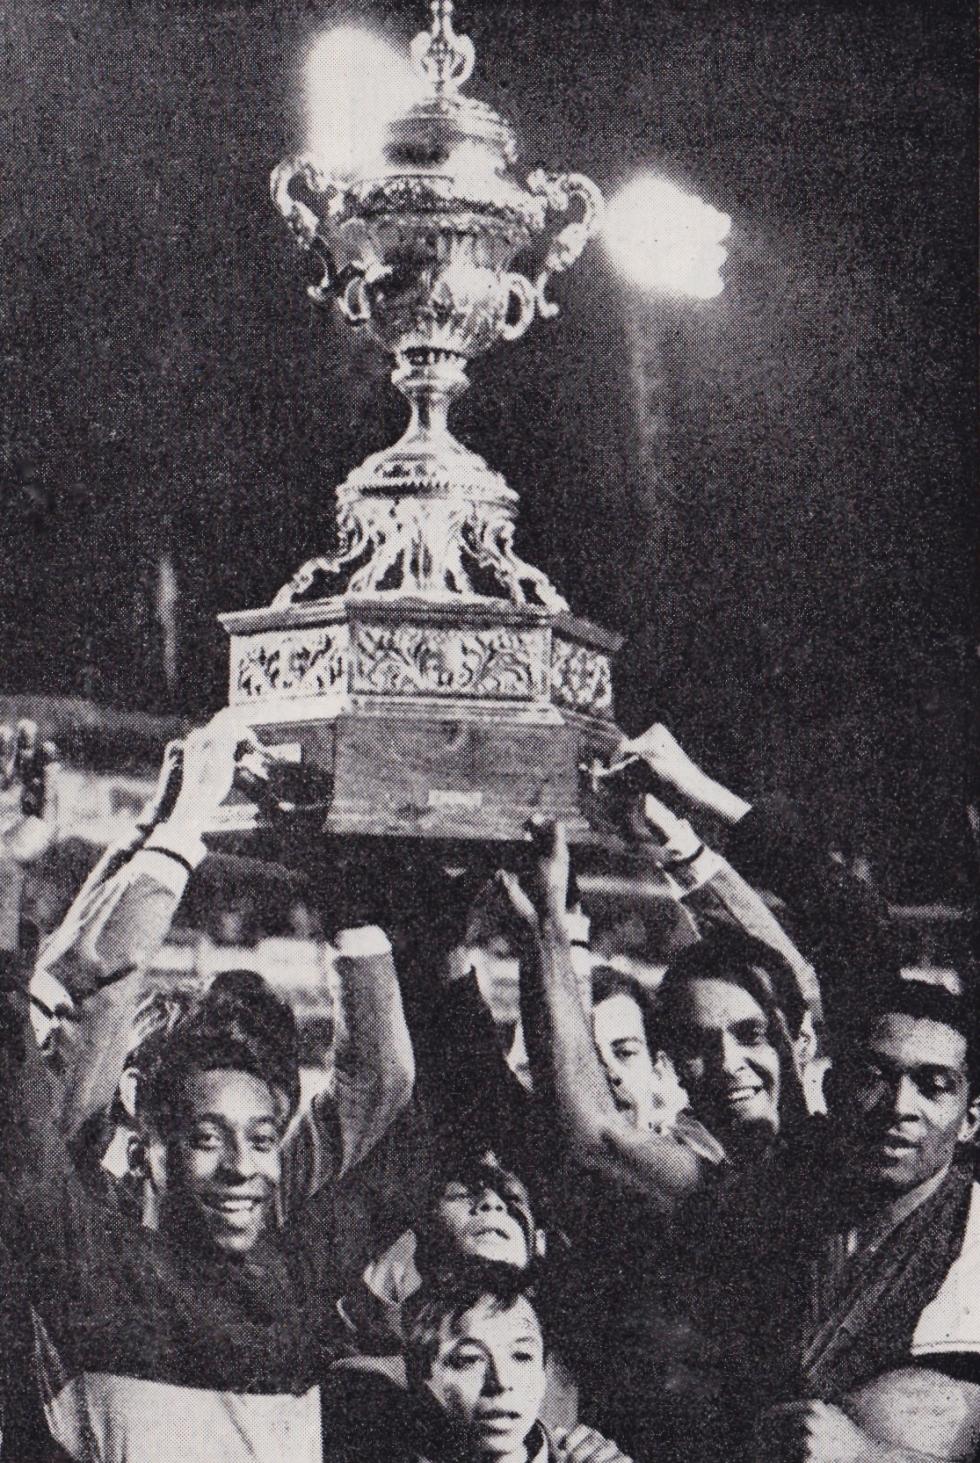 Ciudad de Buenos Aires Trophy